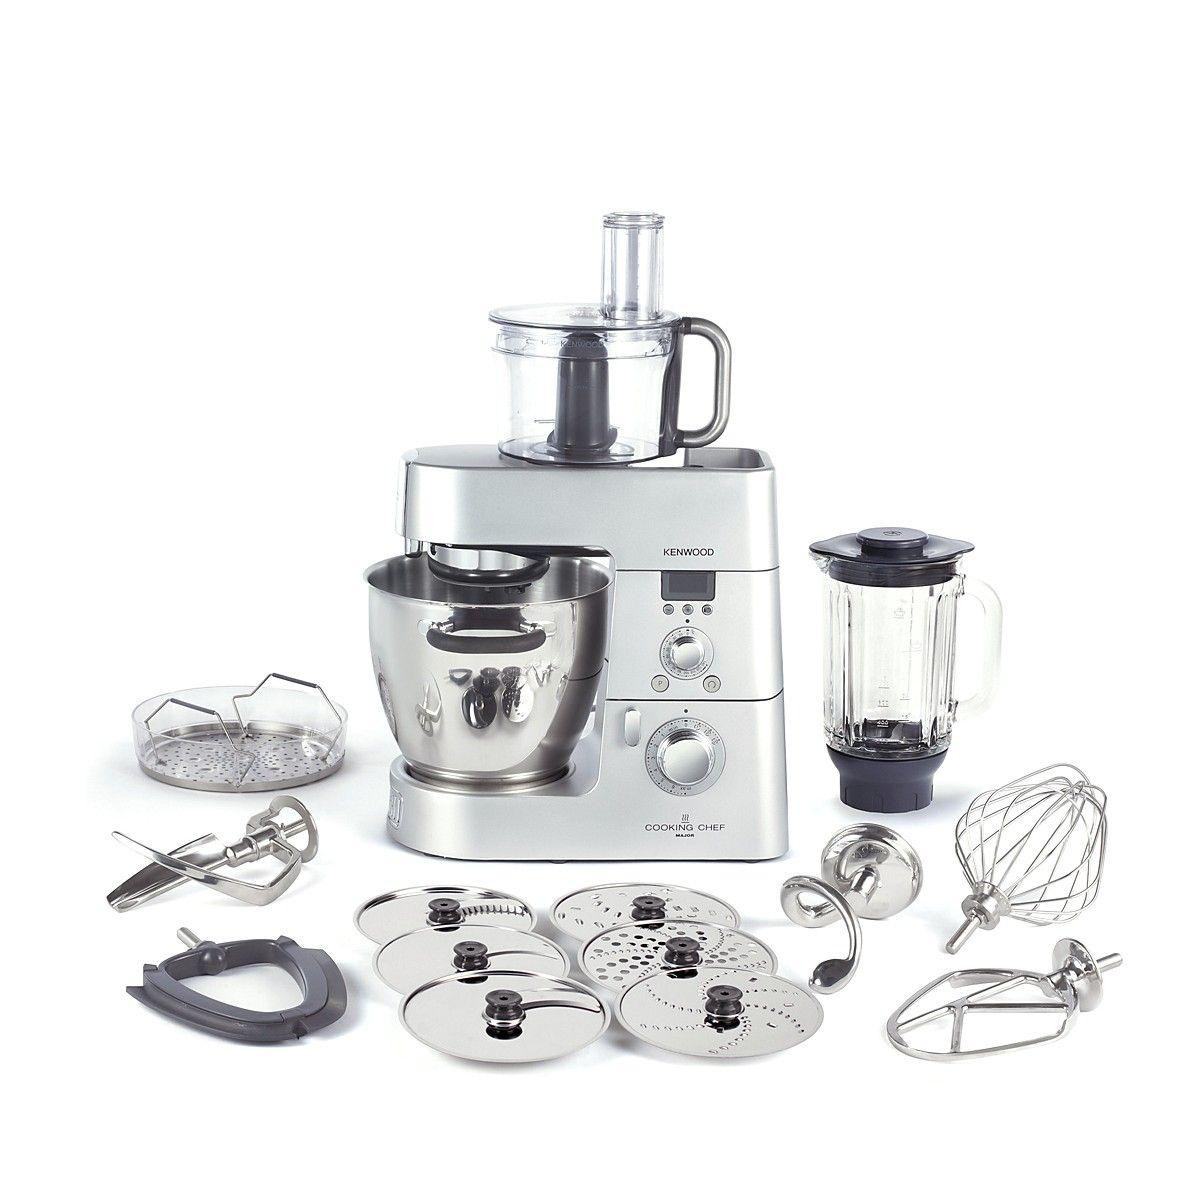 Chef Kitchen Appliances: Kenwood Cooking Chef Kitchen Machine